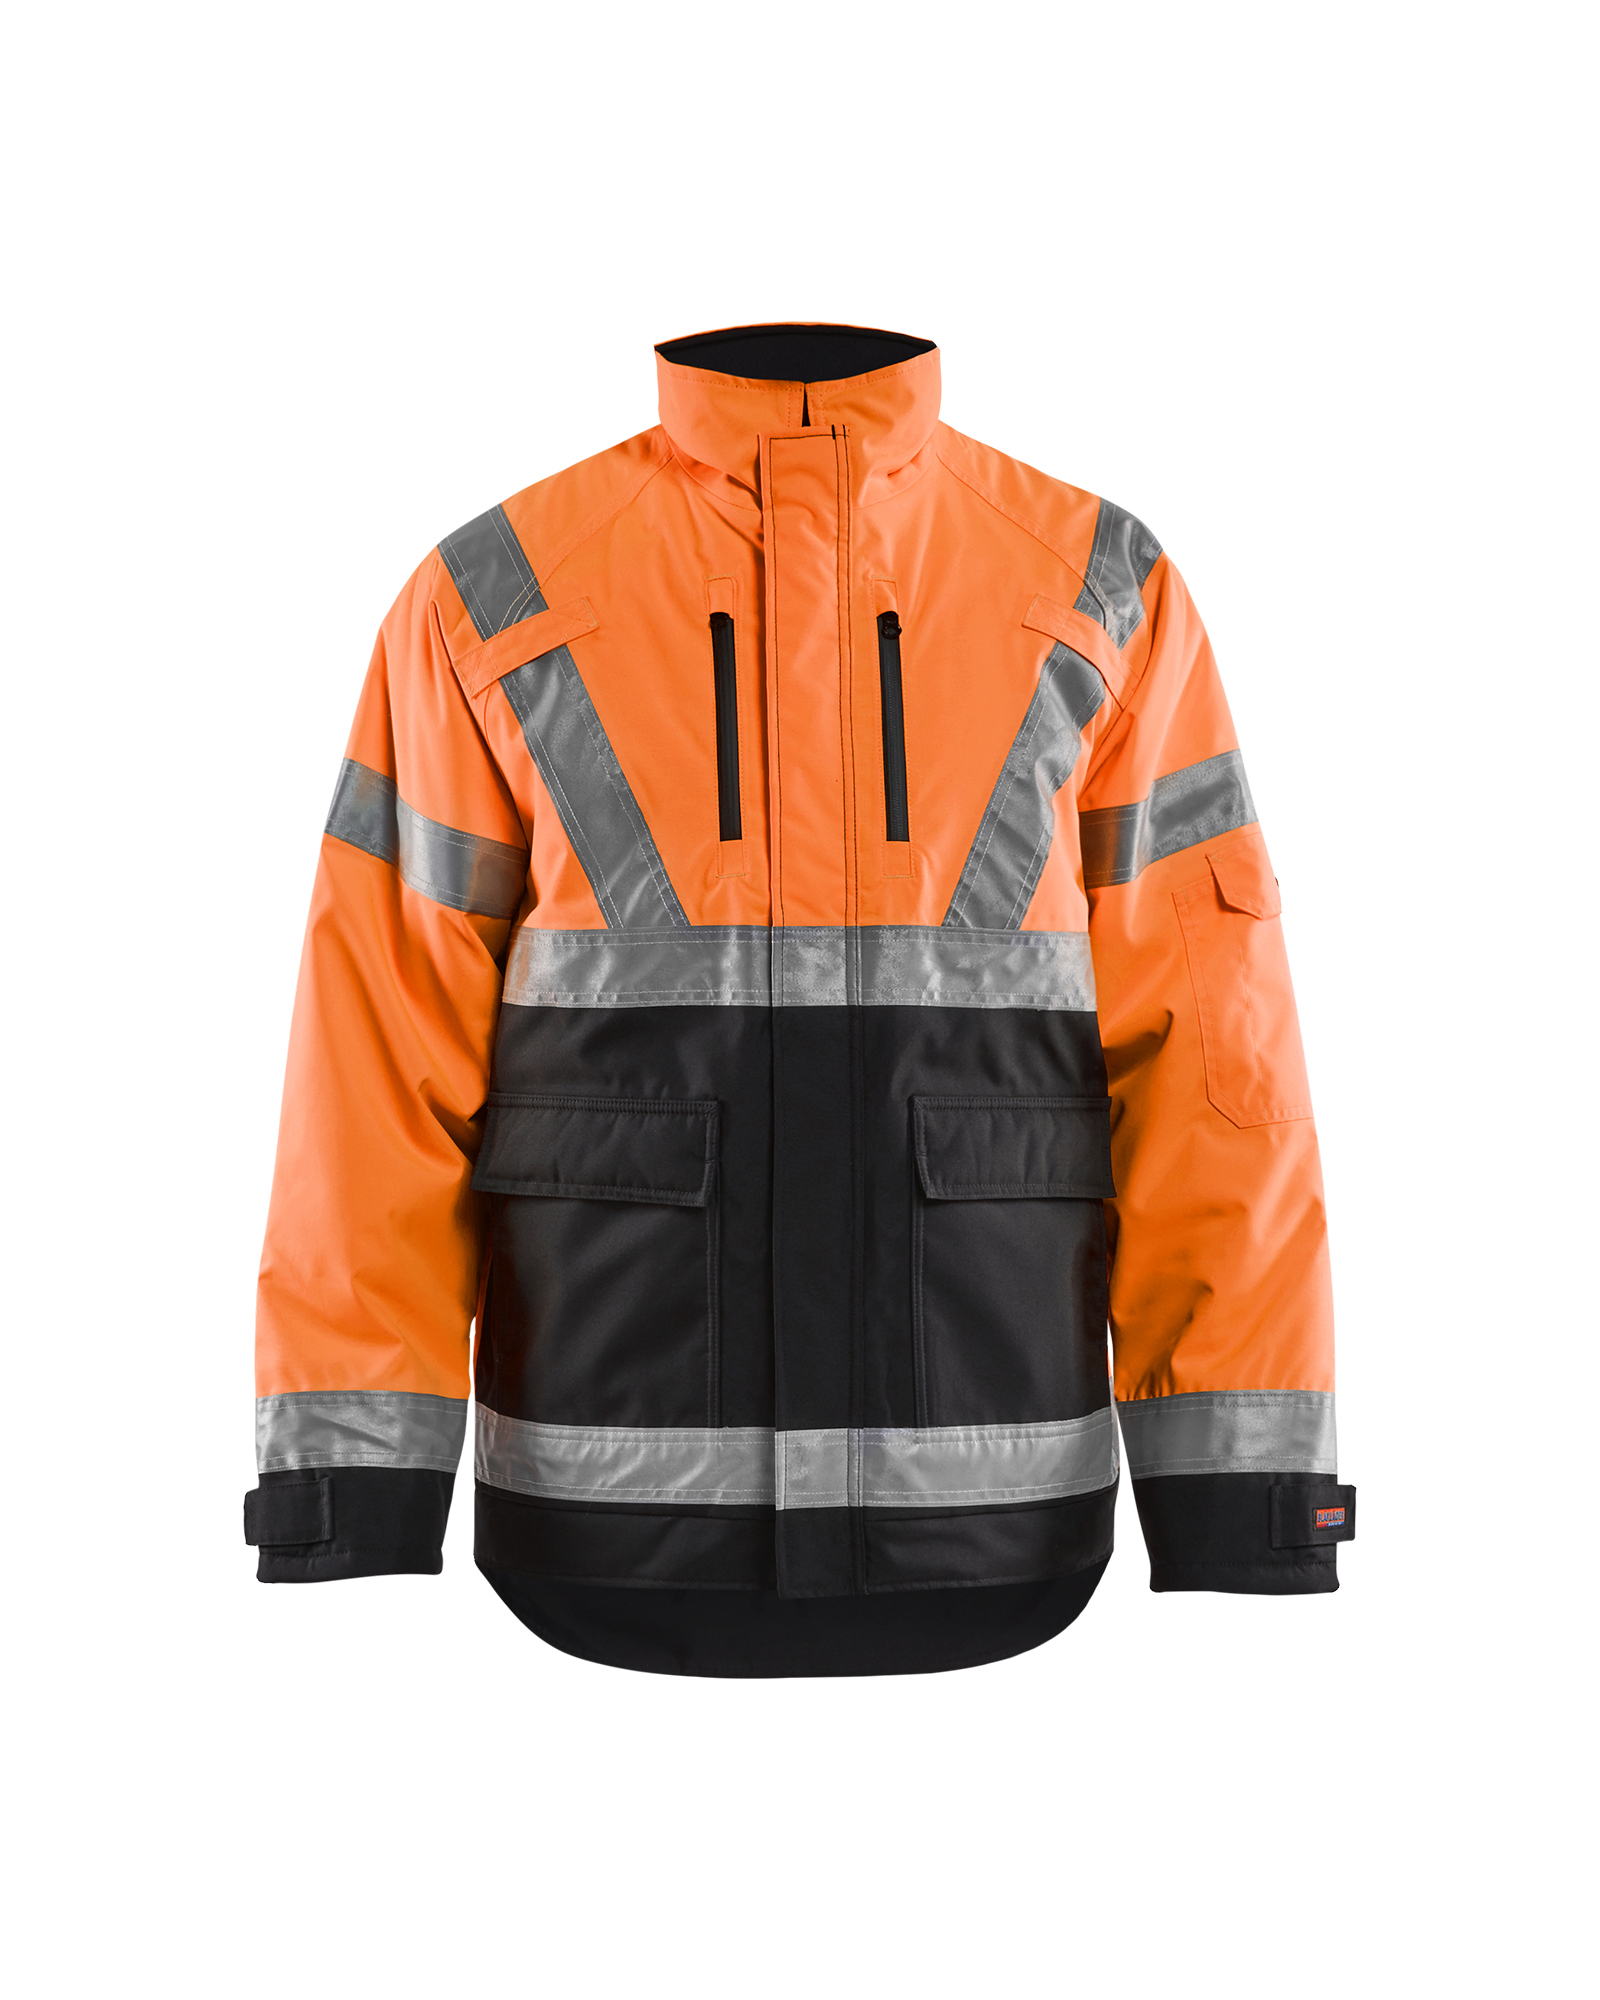 Blaklader Workwear Hivis Parka Coat Orange XL